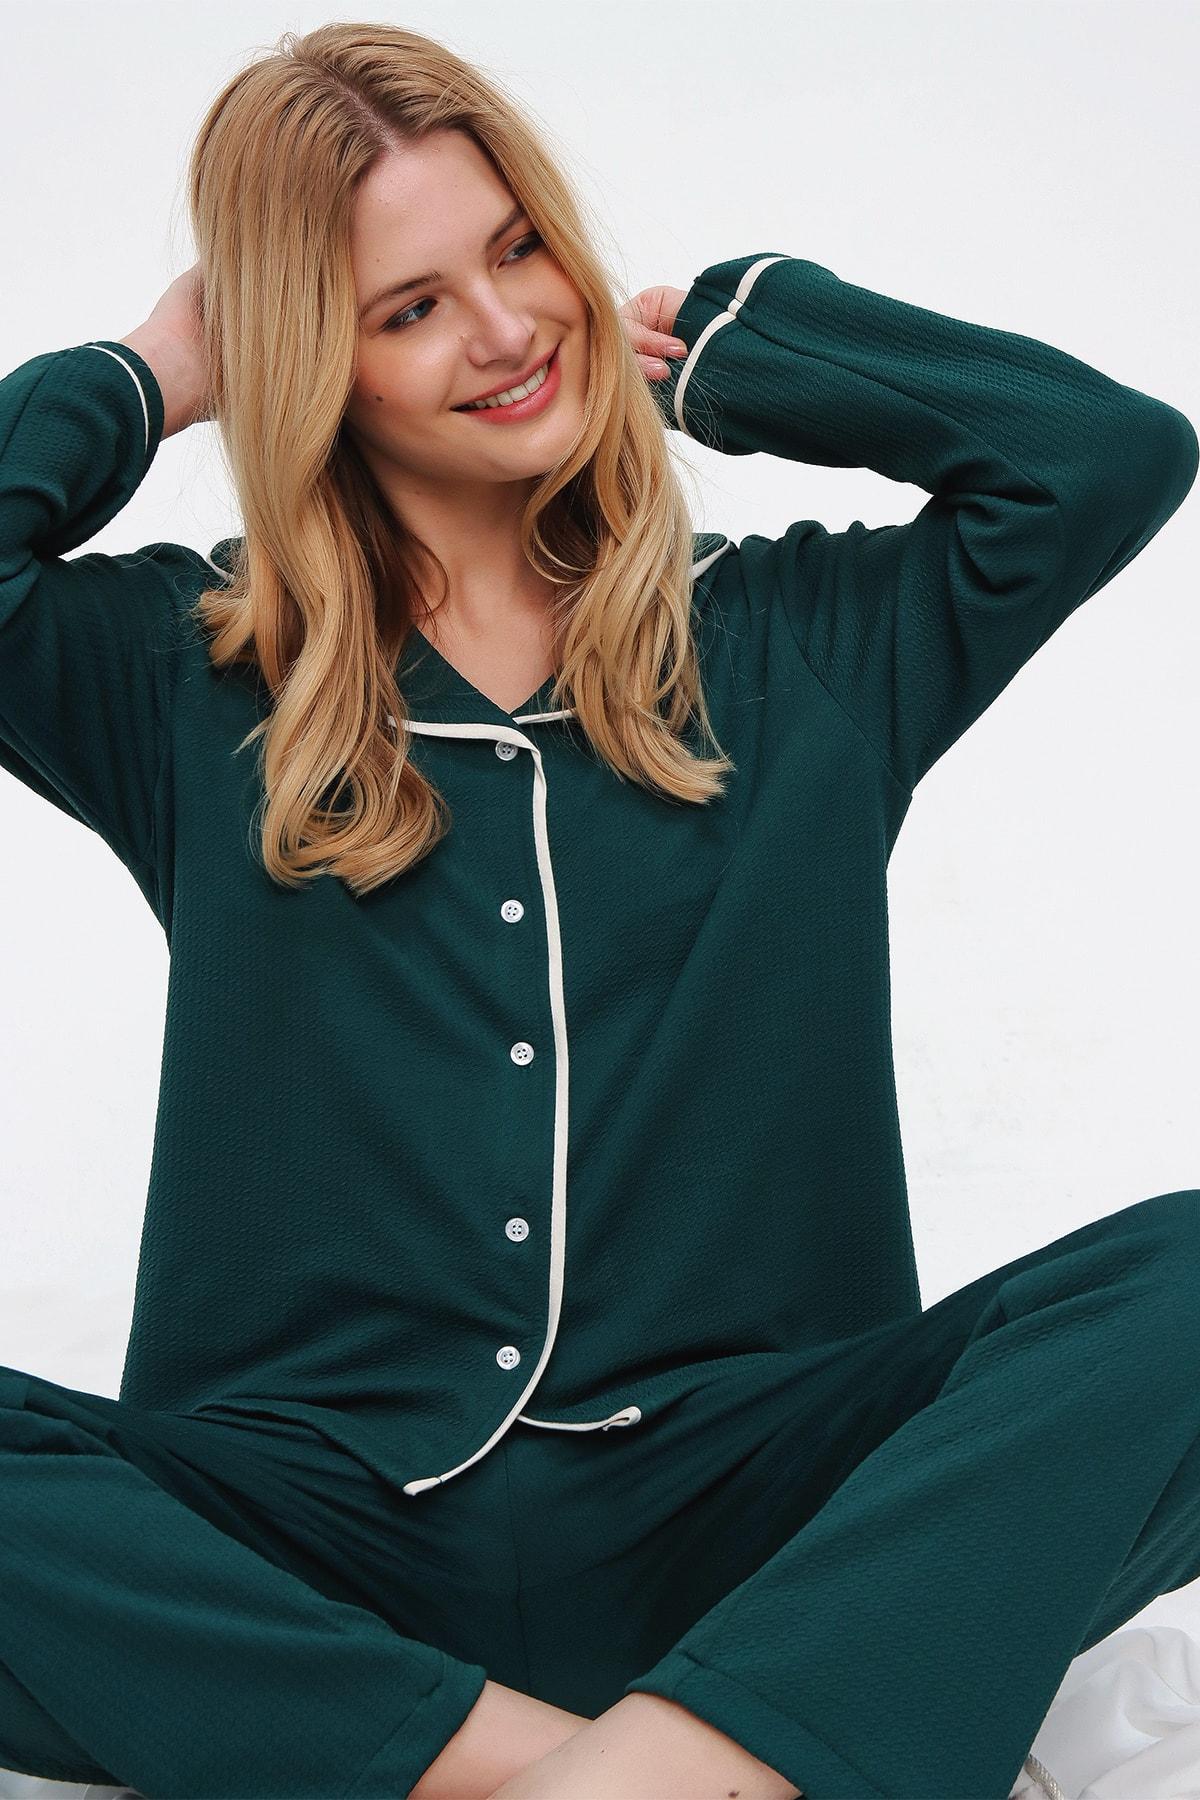 Trend Alaçatı Stili Kadın Ceviz Yeşili Desenli Gömlek Yaka Pijama Takım ALC-X5532 1